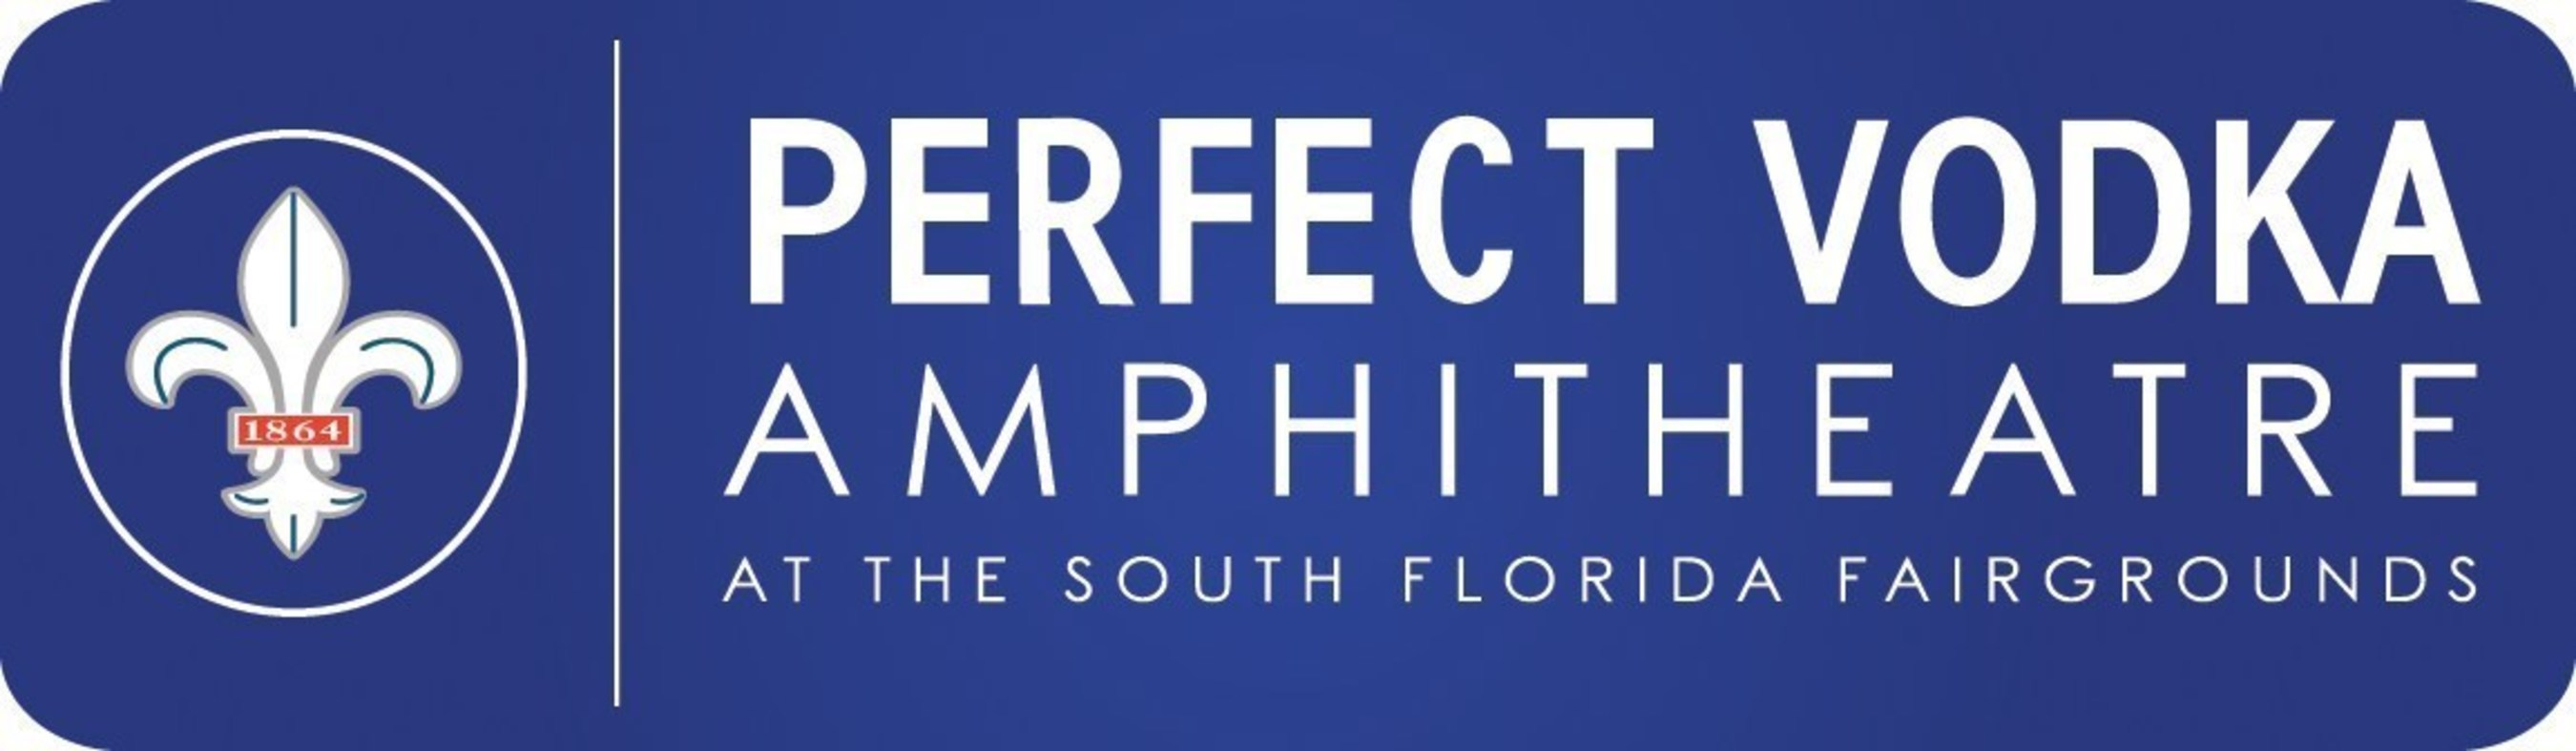 Live Nation's West Palm Beach Venue Gets New Name: Perfect Vodka Amphitheatre